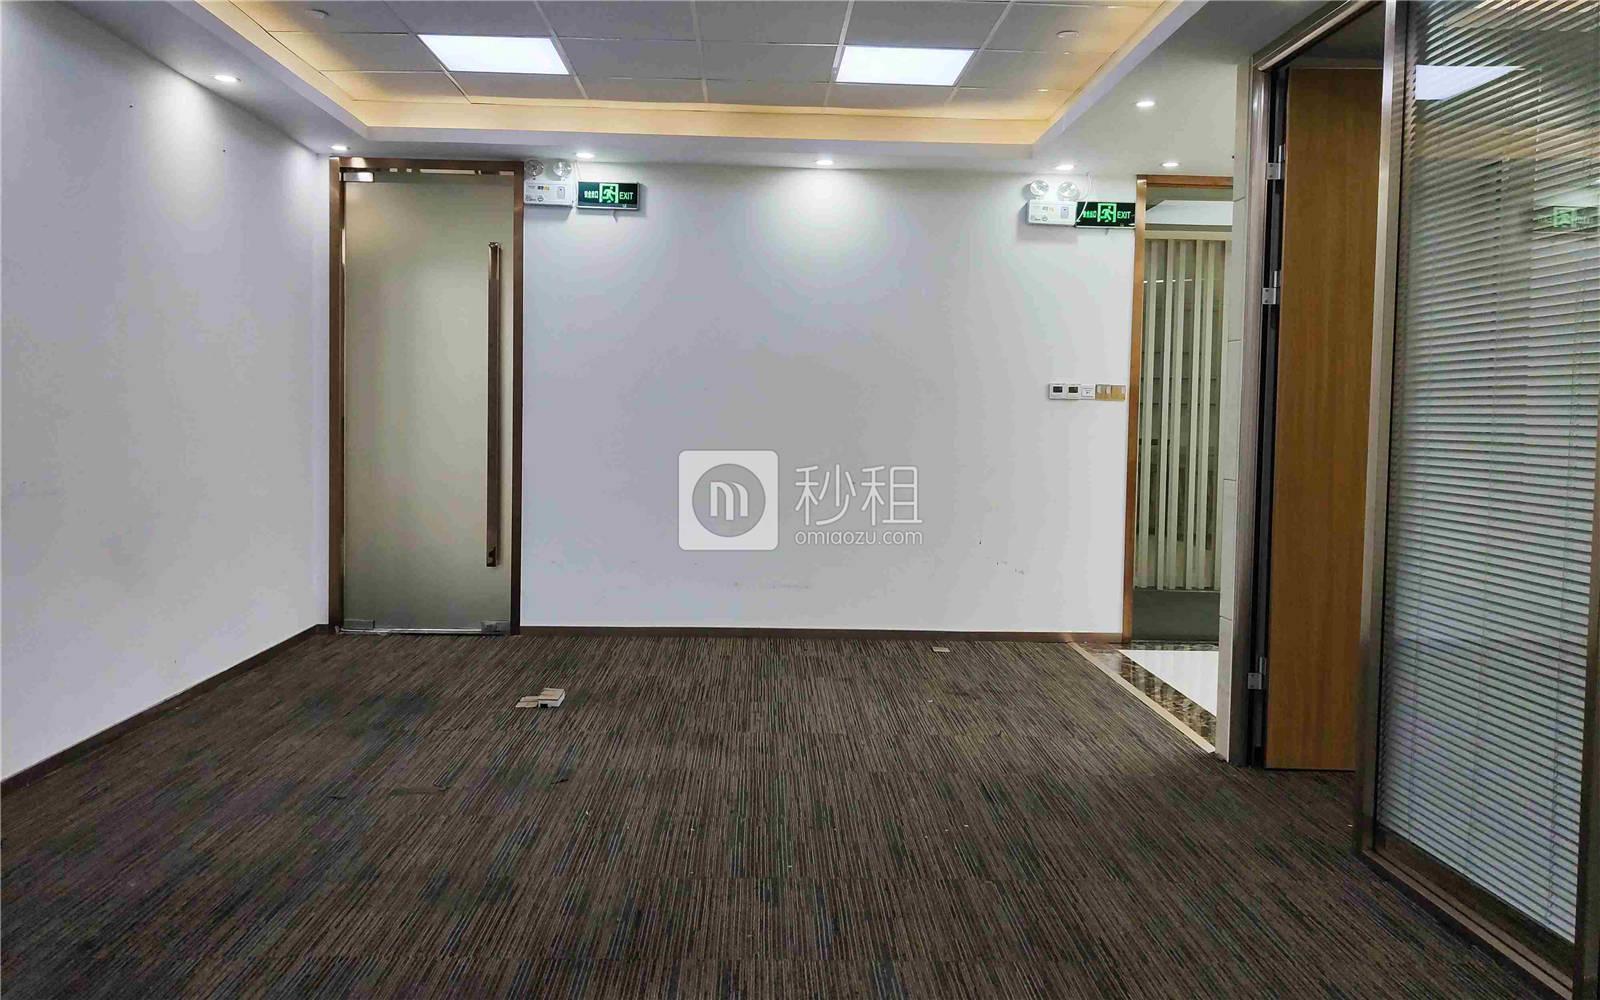 天河-珠江新城 珠控国际中心-珠控商务大厦 160m²